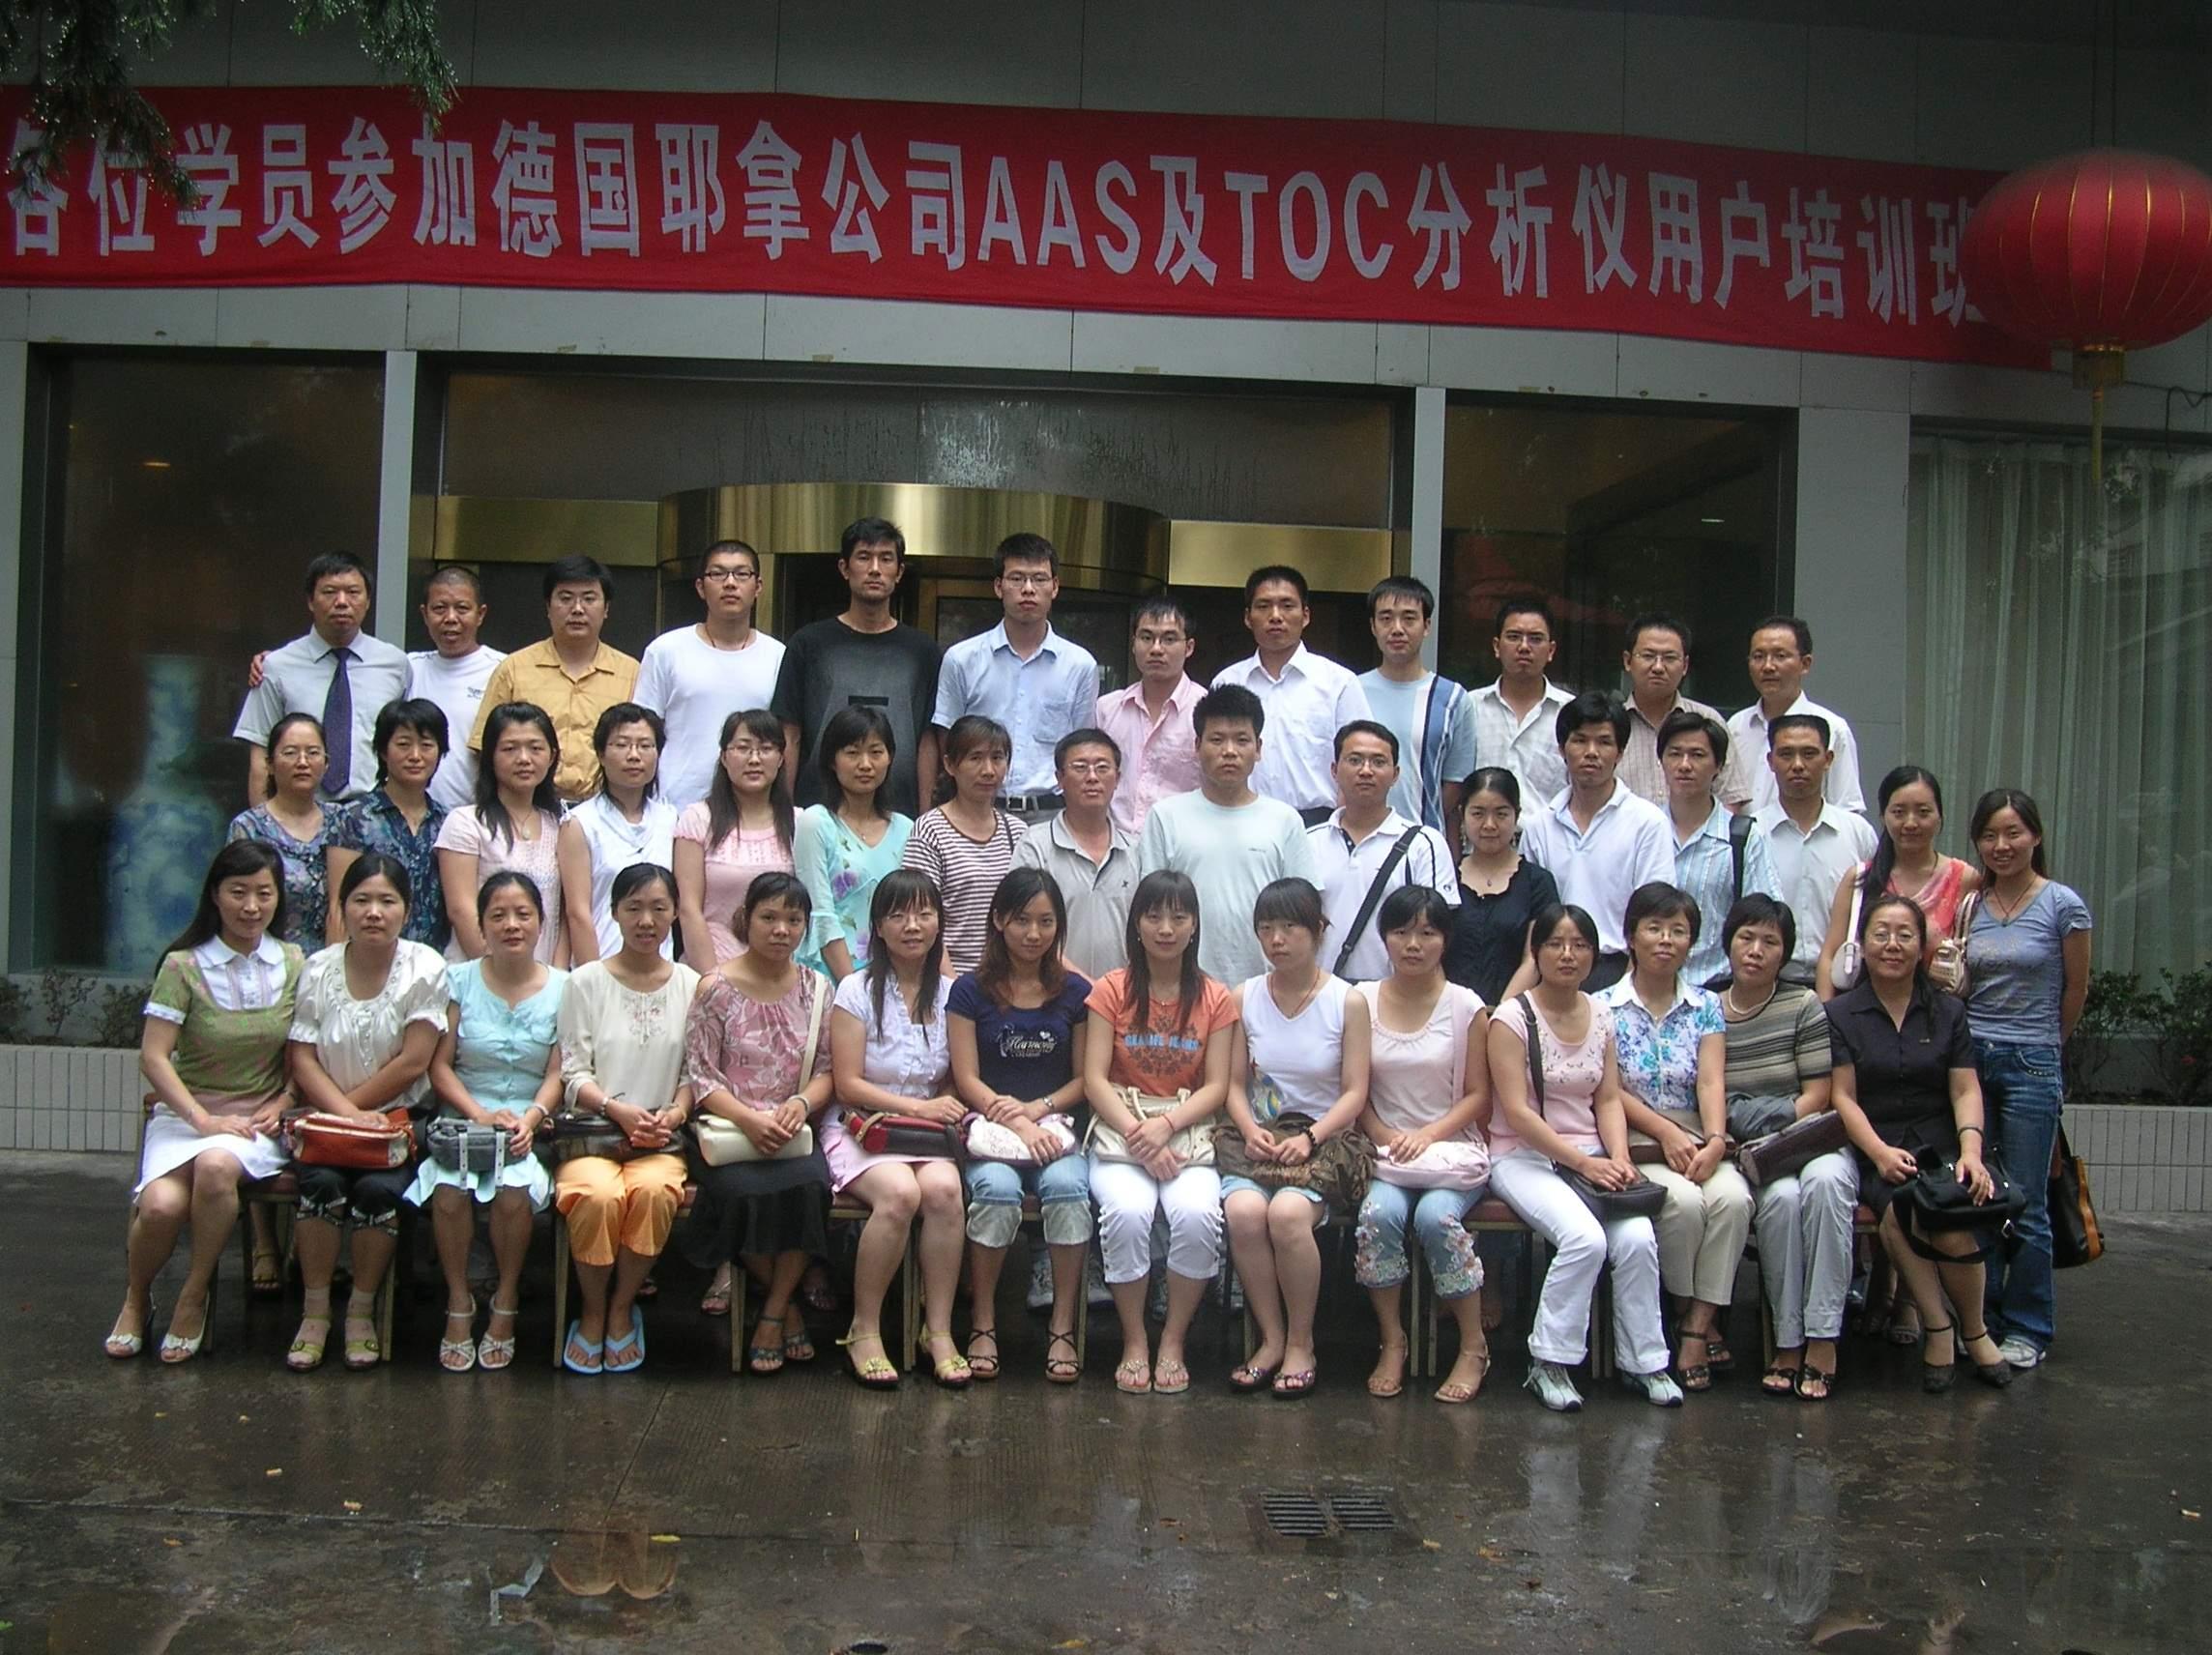 举办2007年AAS TOC用户培训